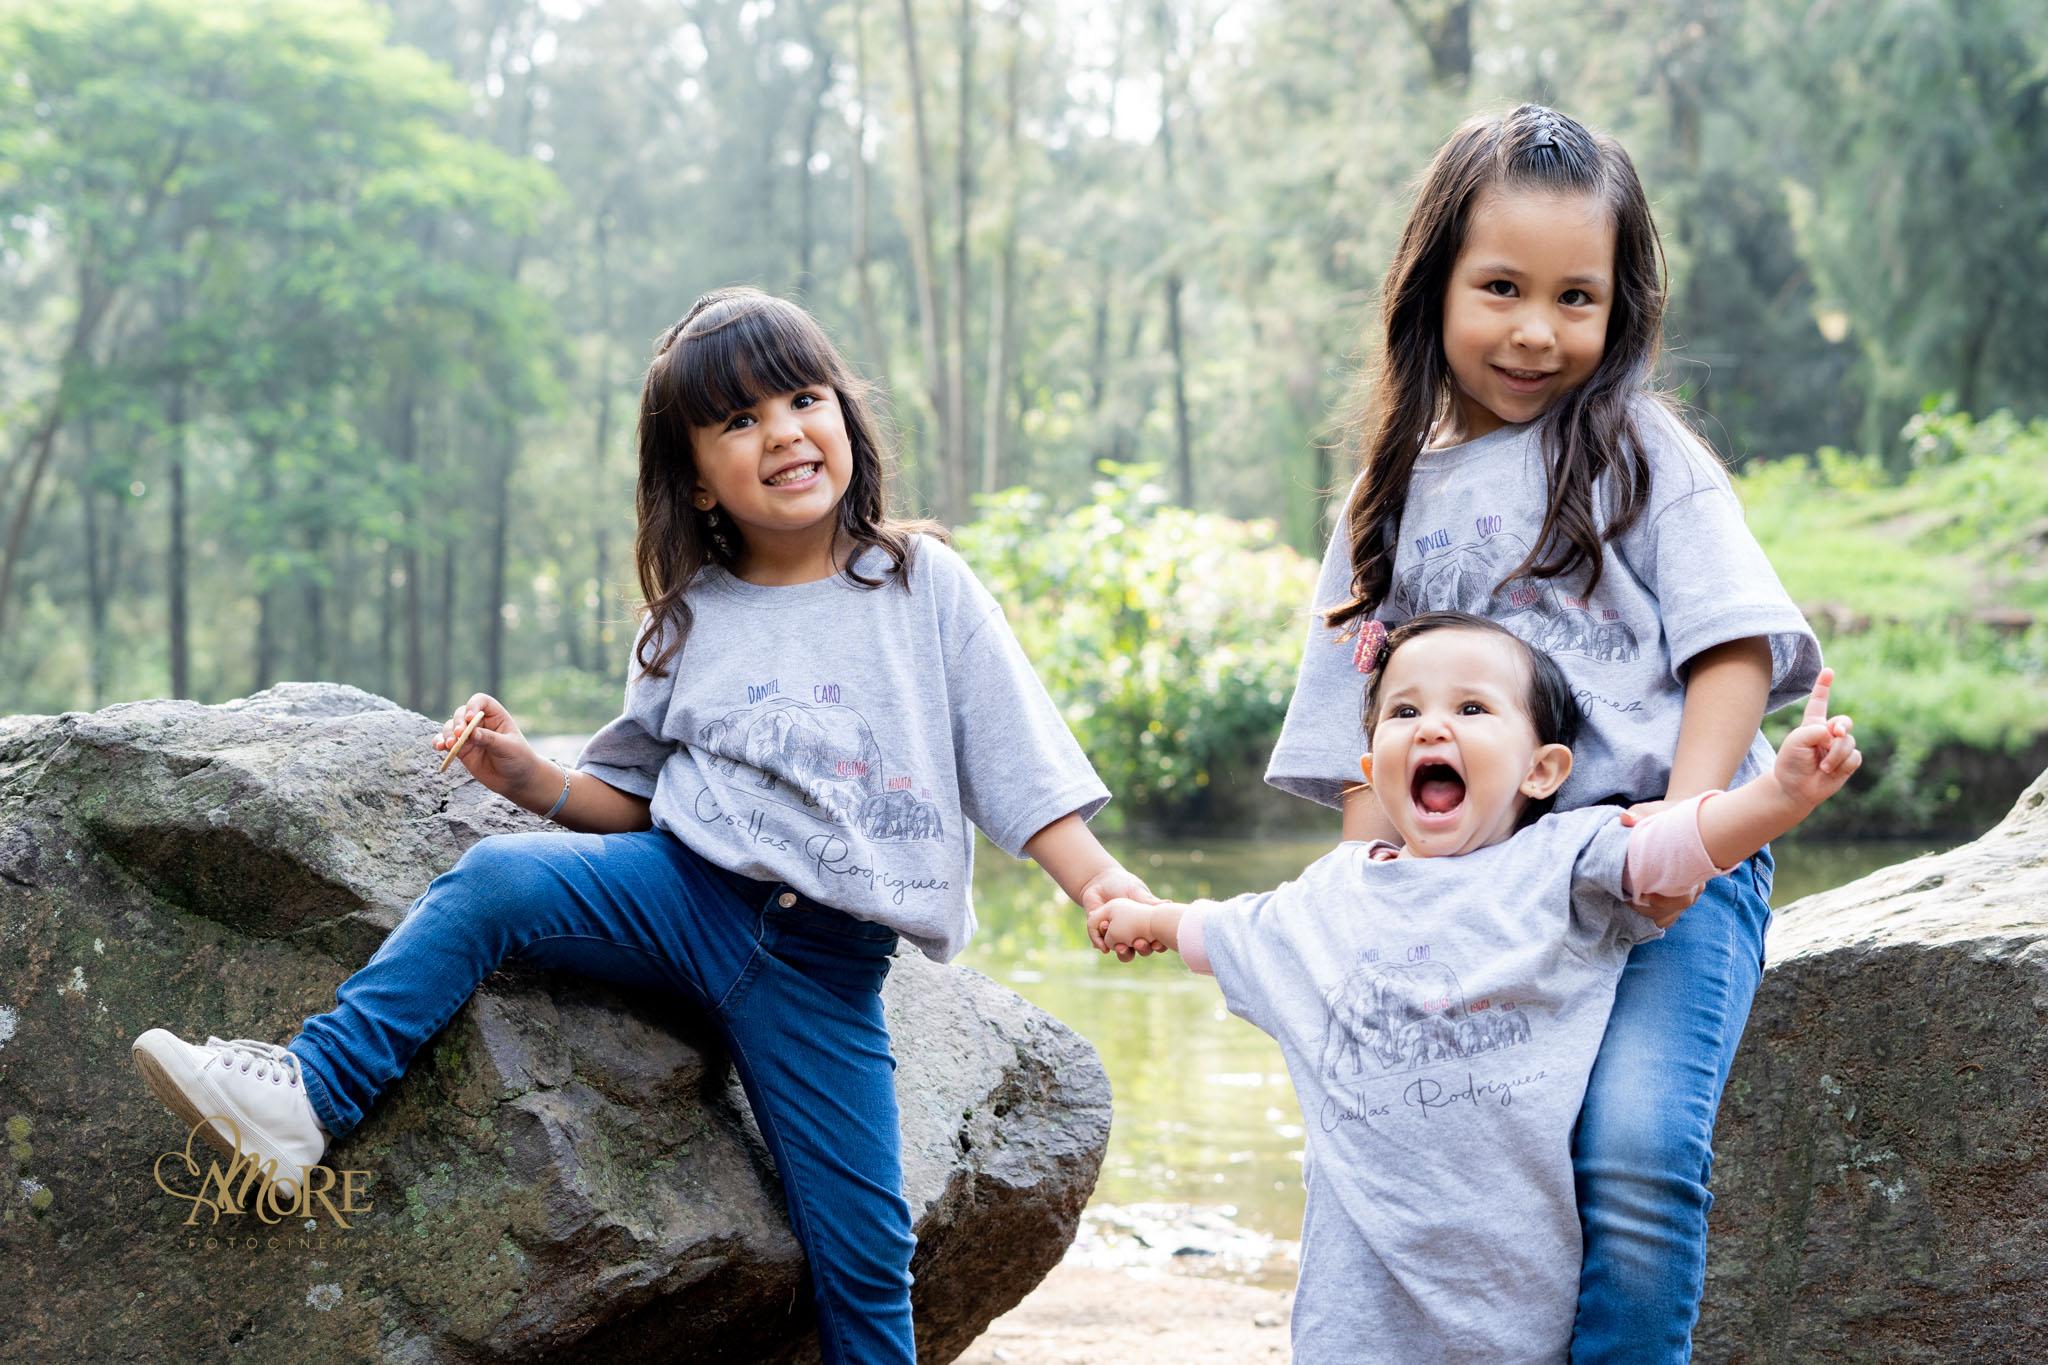 estudio fotografico para sesion de fotos en familia